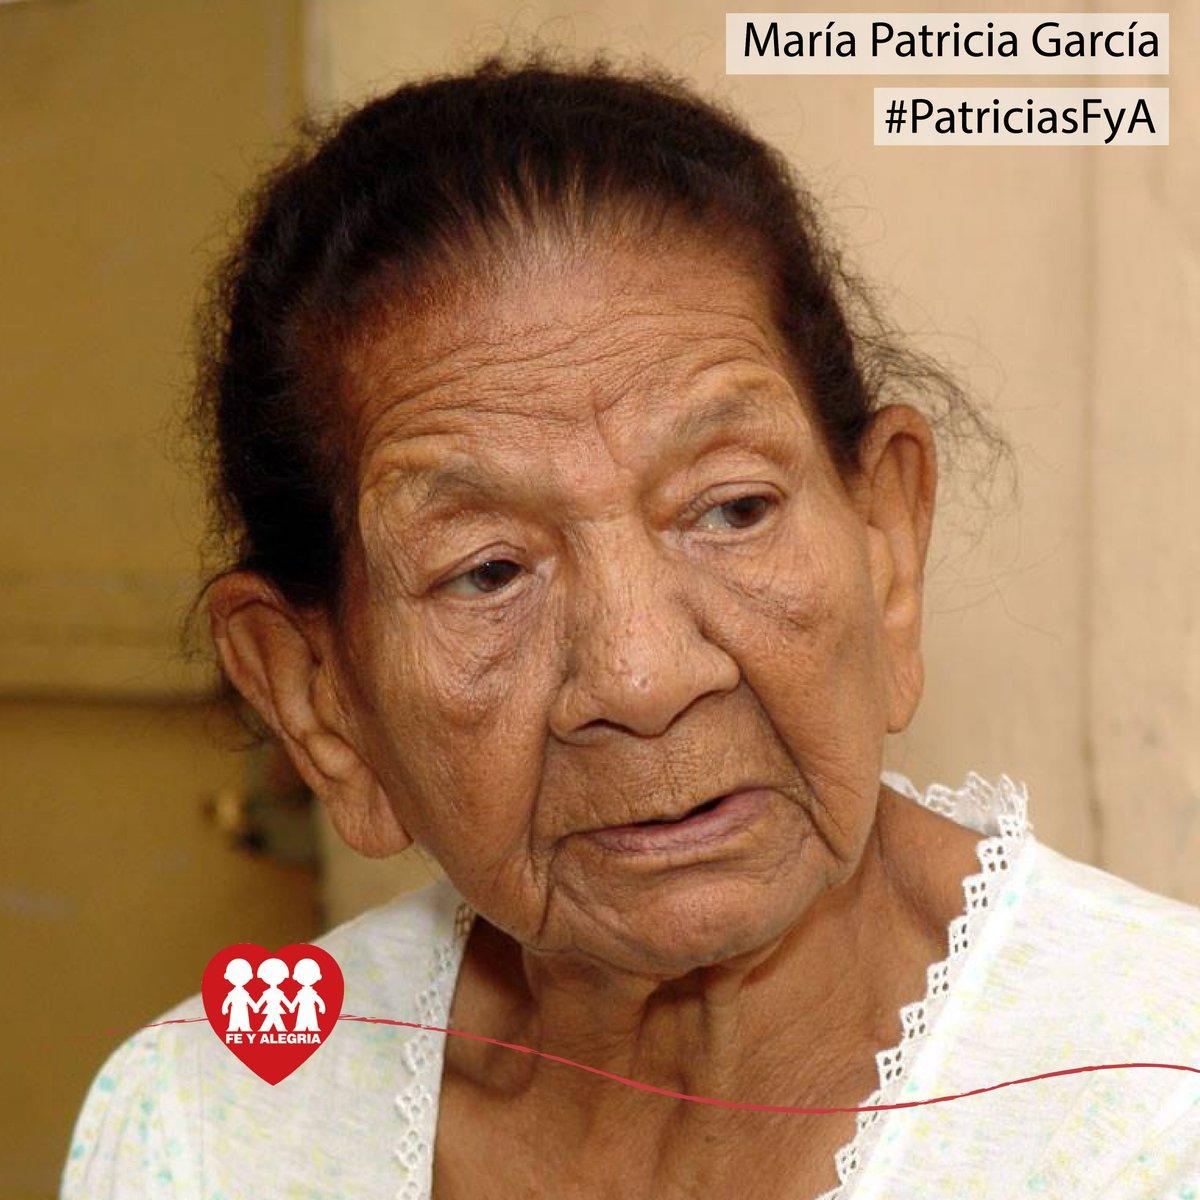 Resultado de imagen para Abraham Reyes Patricia García